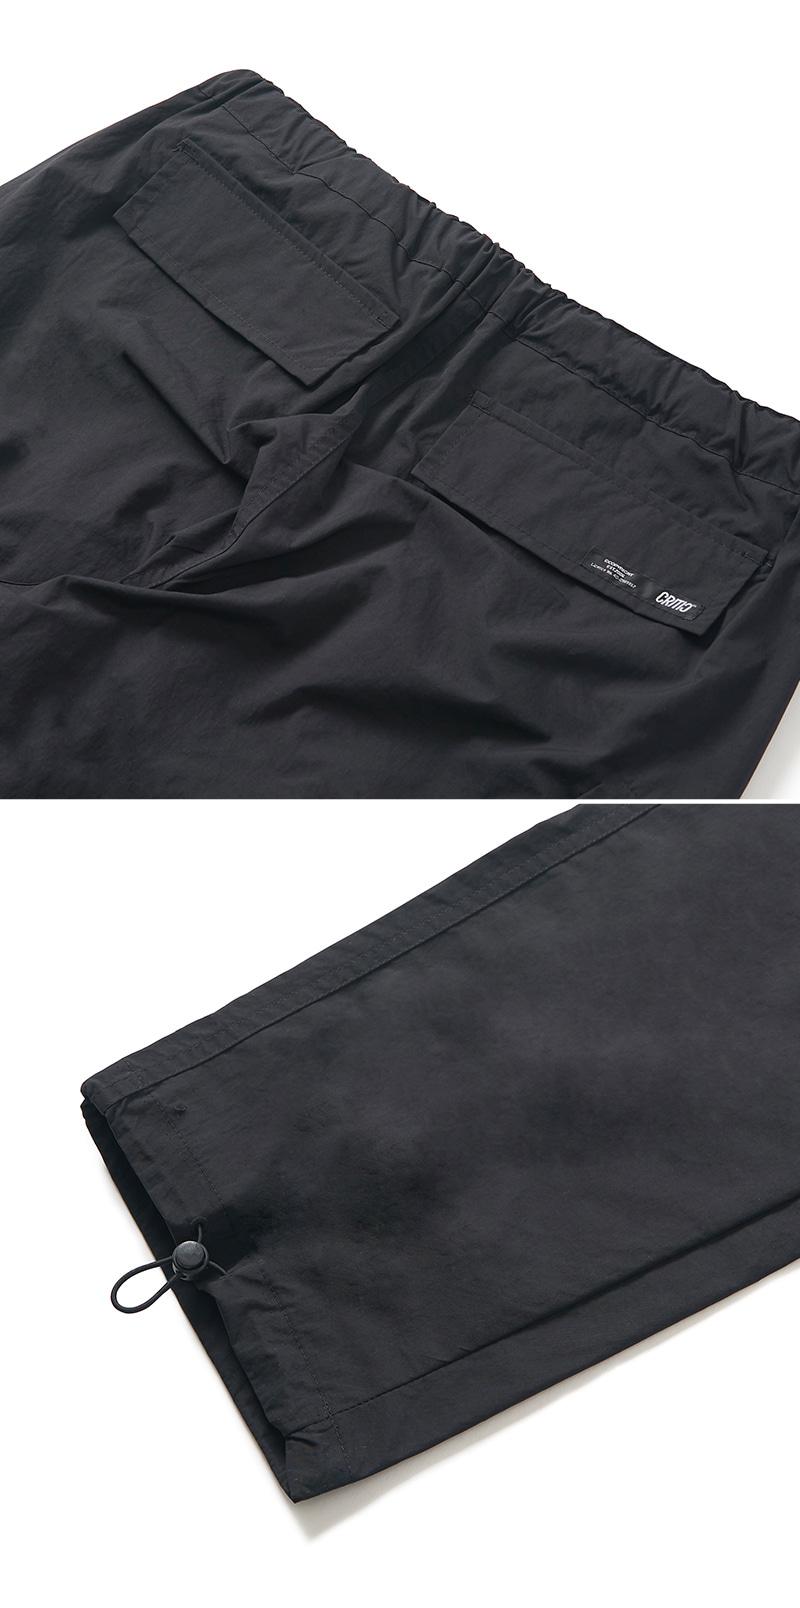 크리틱 COMBAT PANTS(BLACK)_CTONUPT01UC6